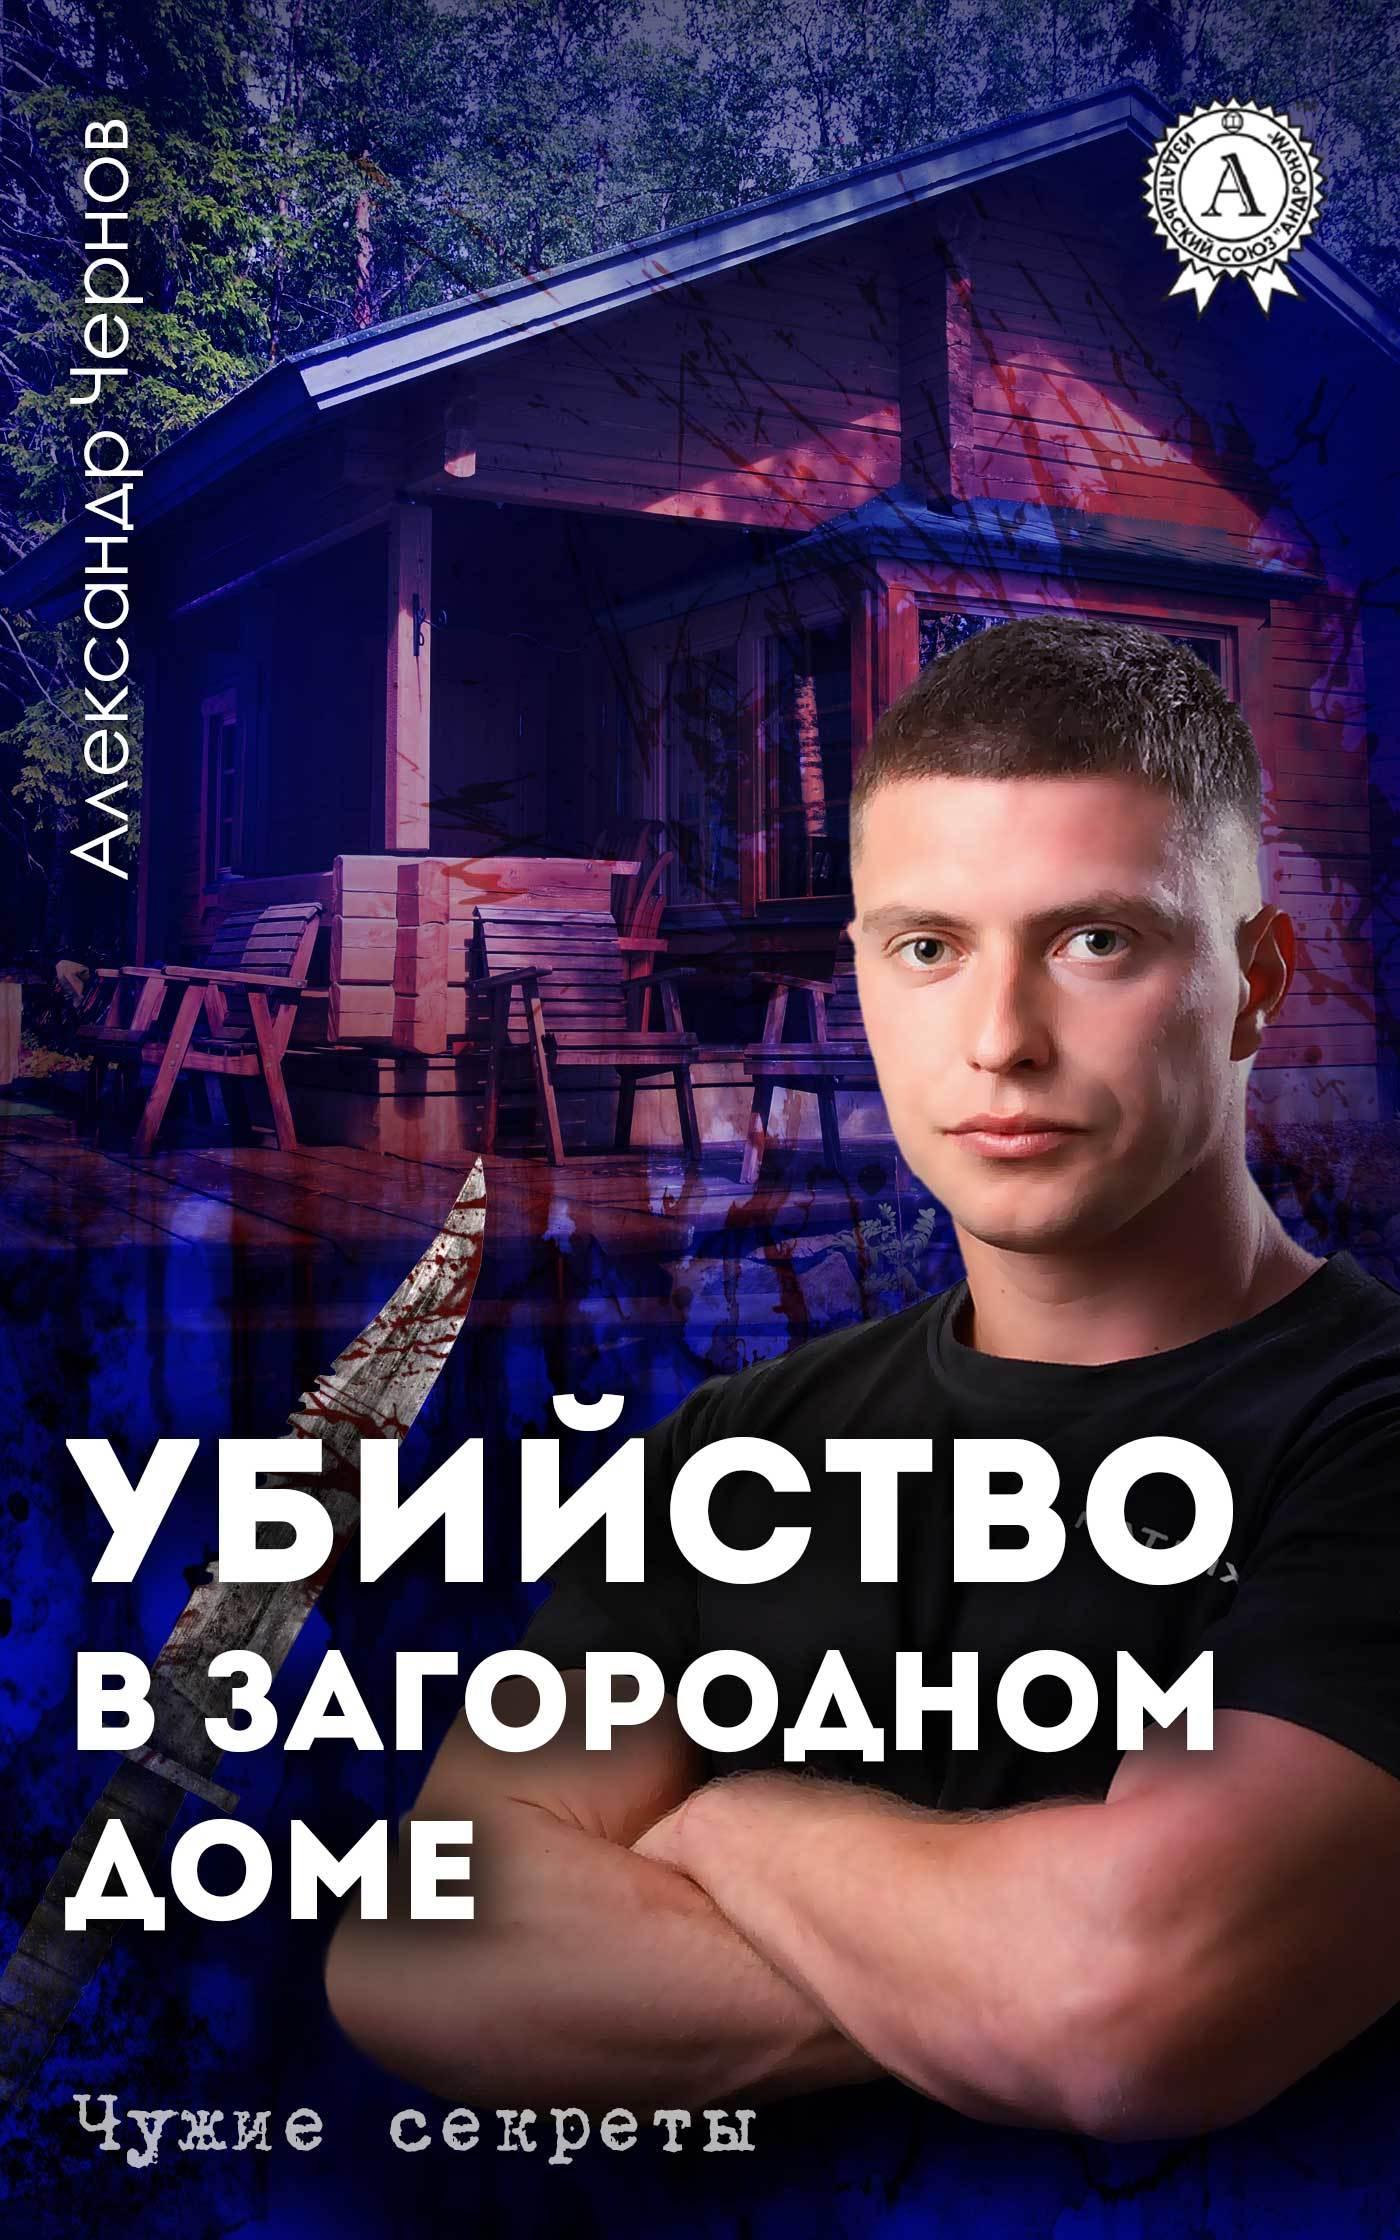 Александр Чернов Убийство в загородном доме атаманенко игорь григорьевич лицензия на вербовку